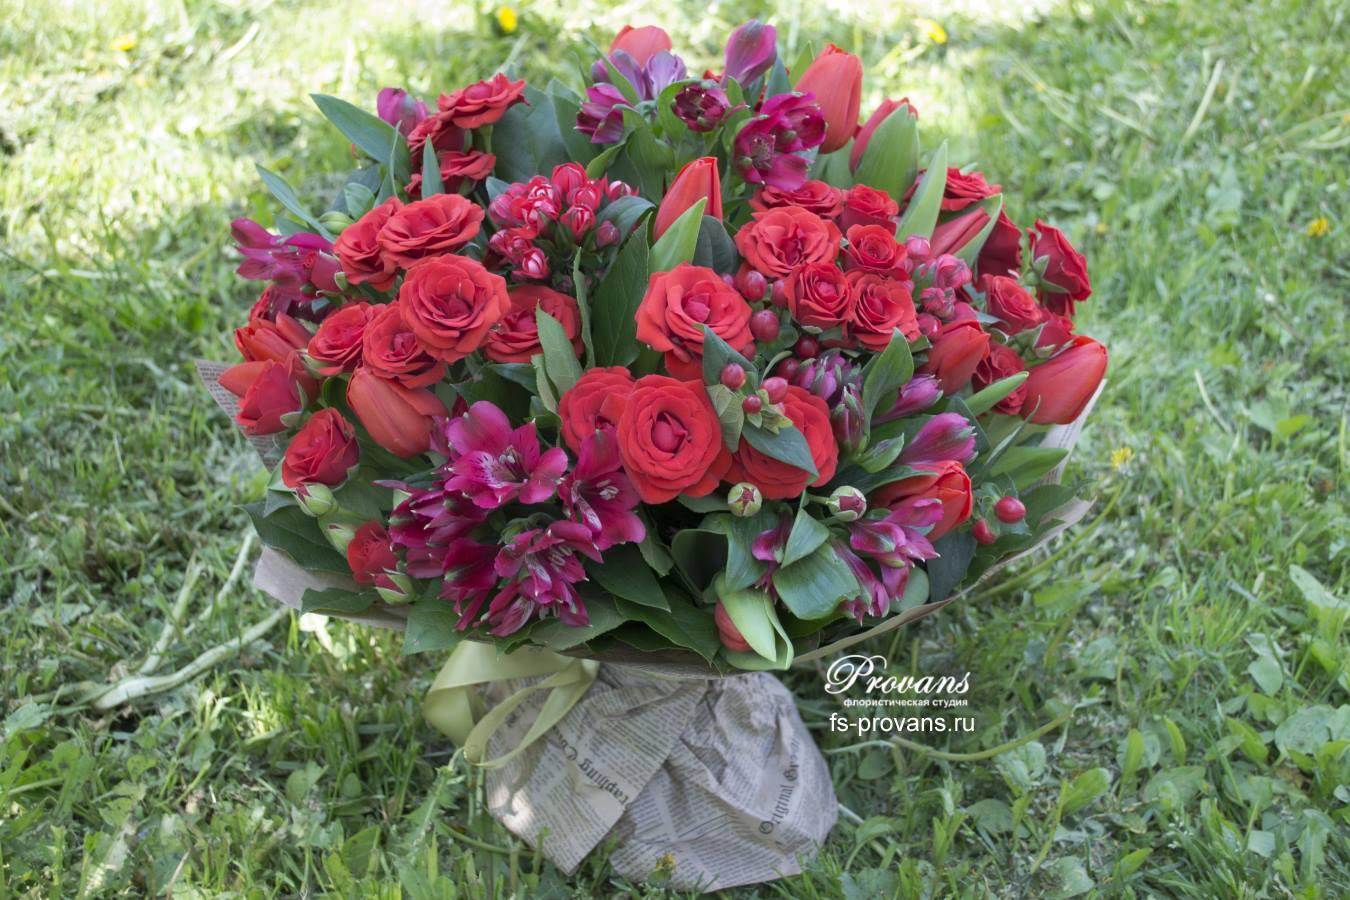 Красный букет. Кустовая роза, альстромерия, тюльпаны